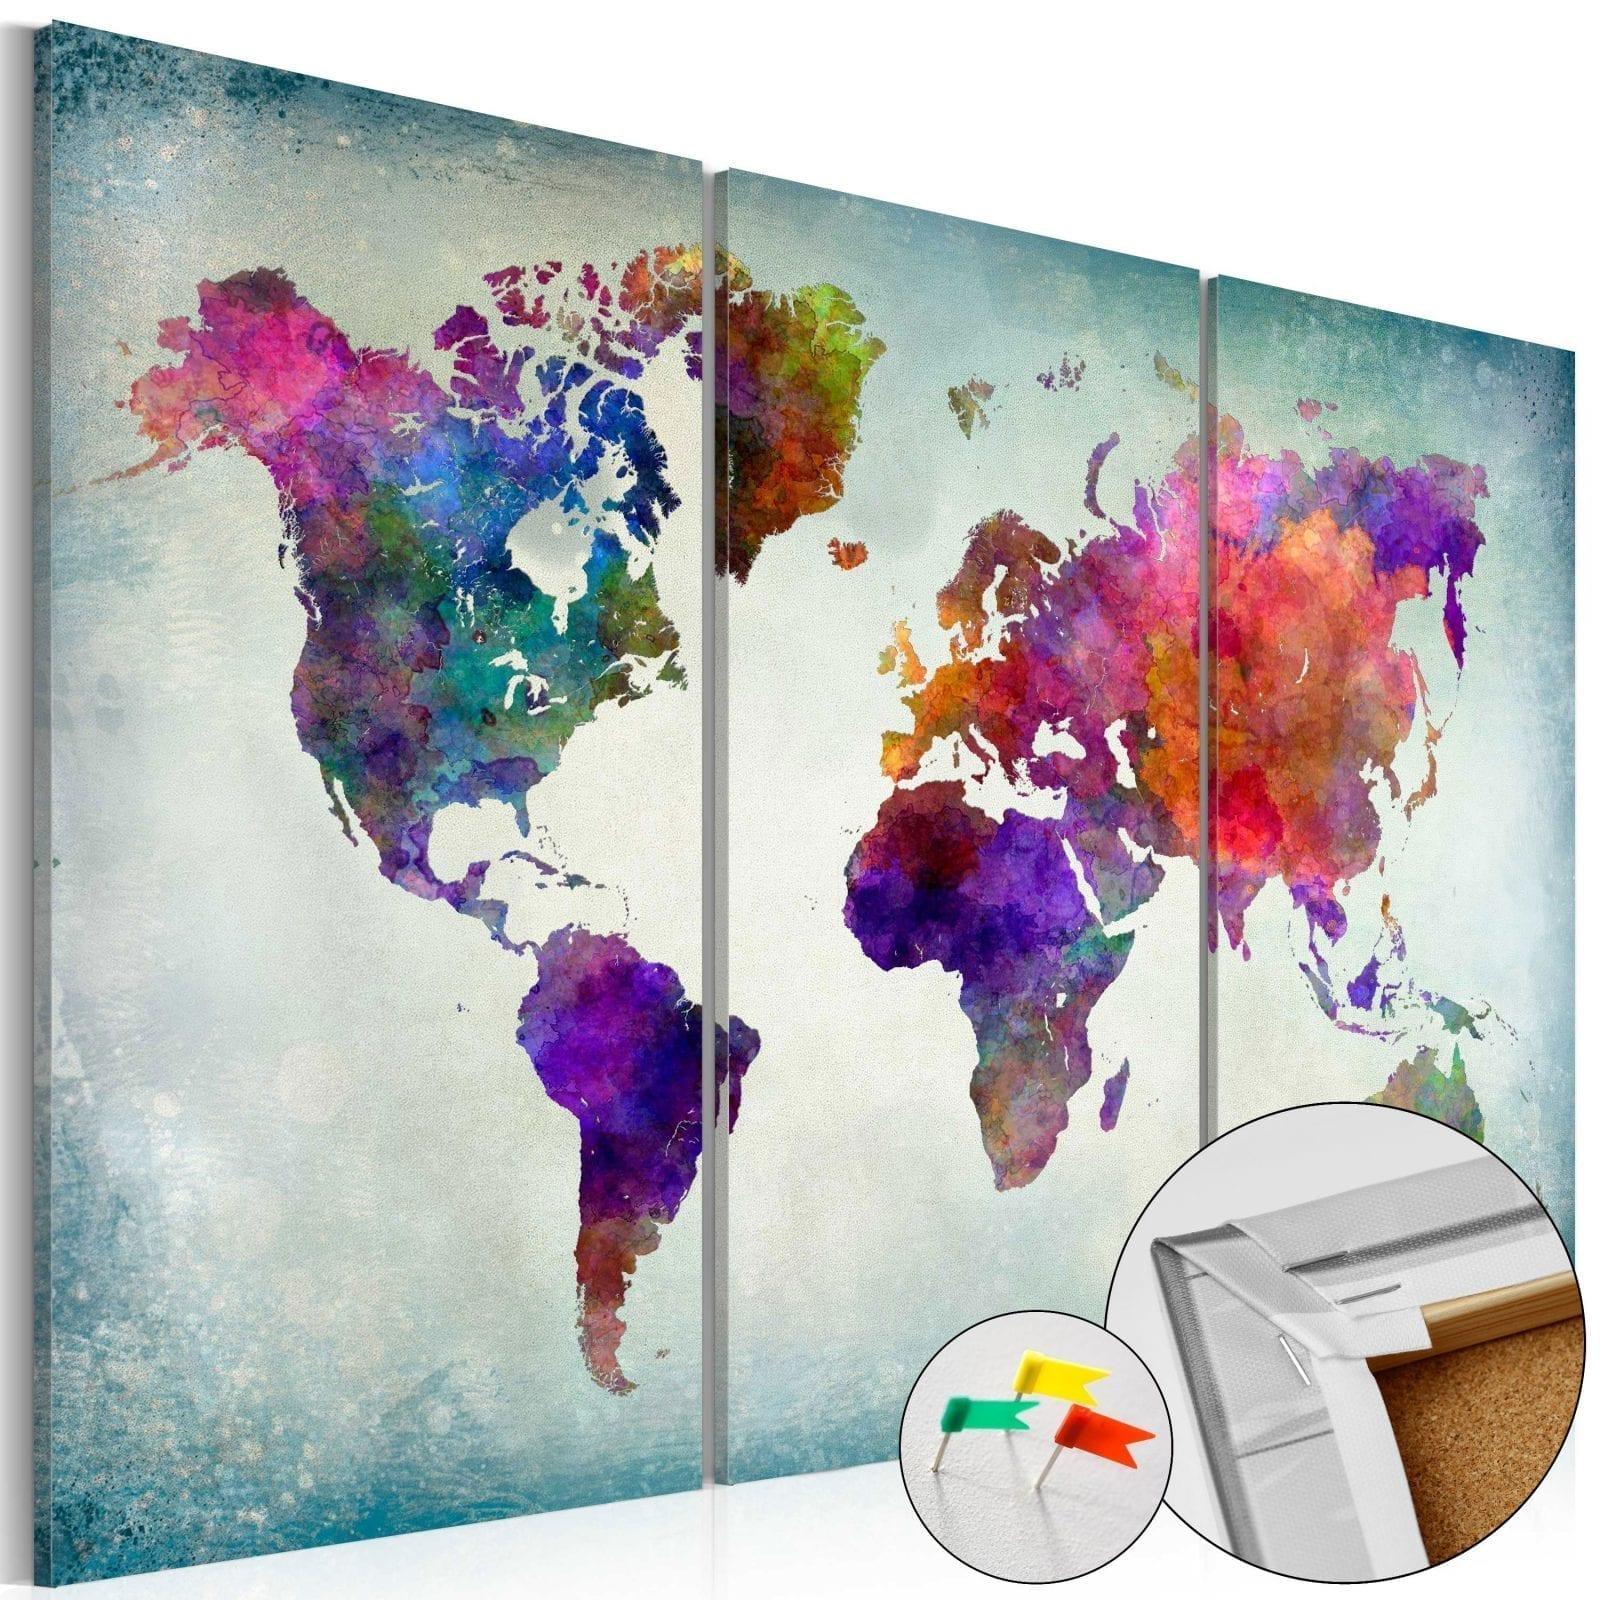 Tablero de corcho - World in Colors 1 | Potspintura.com